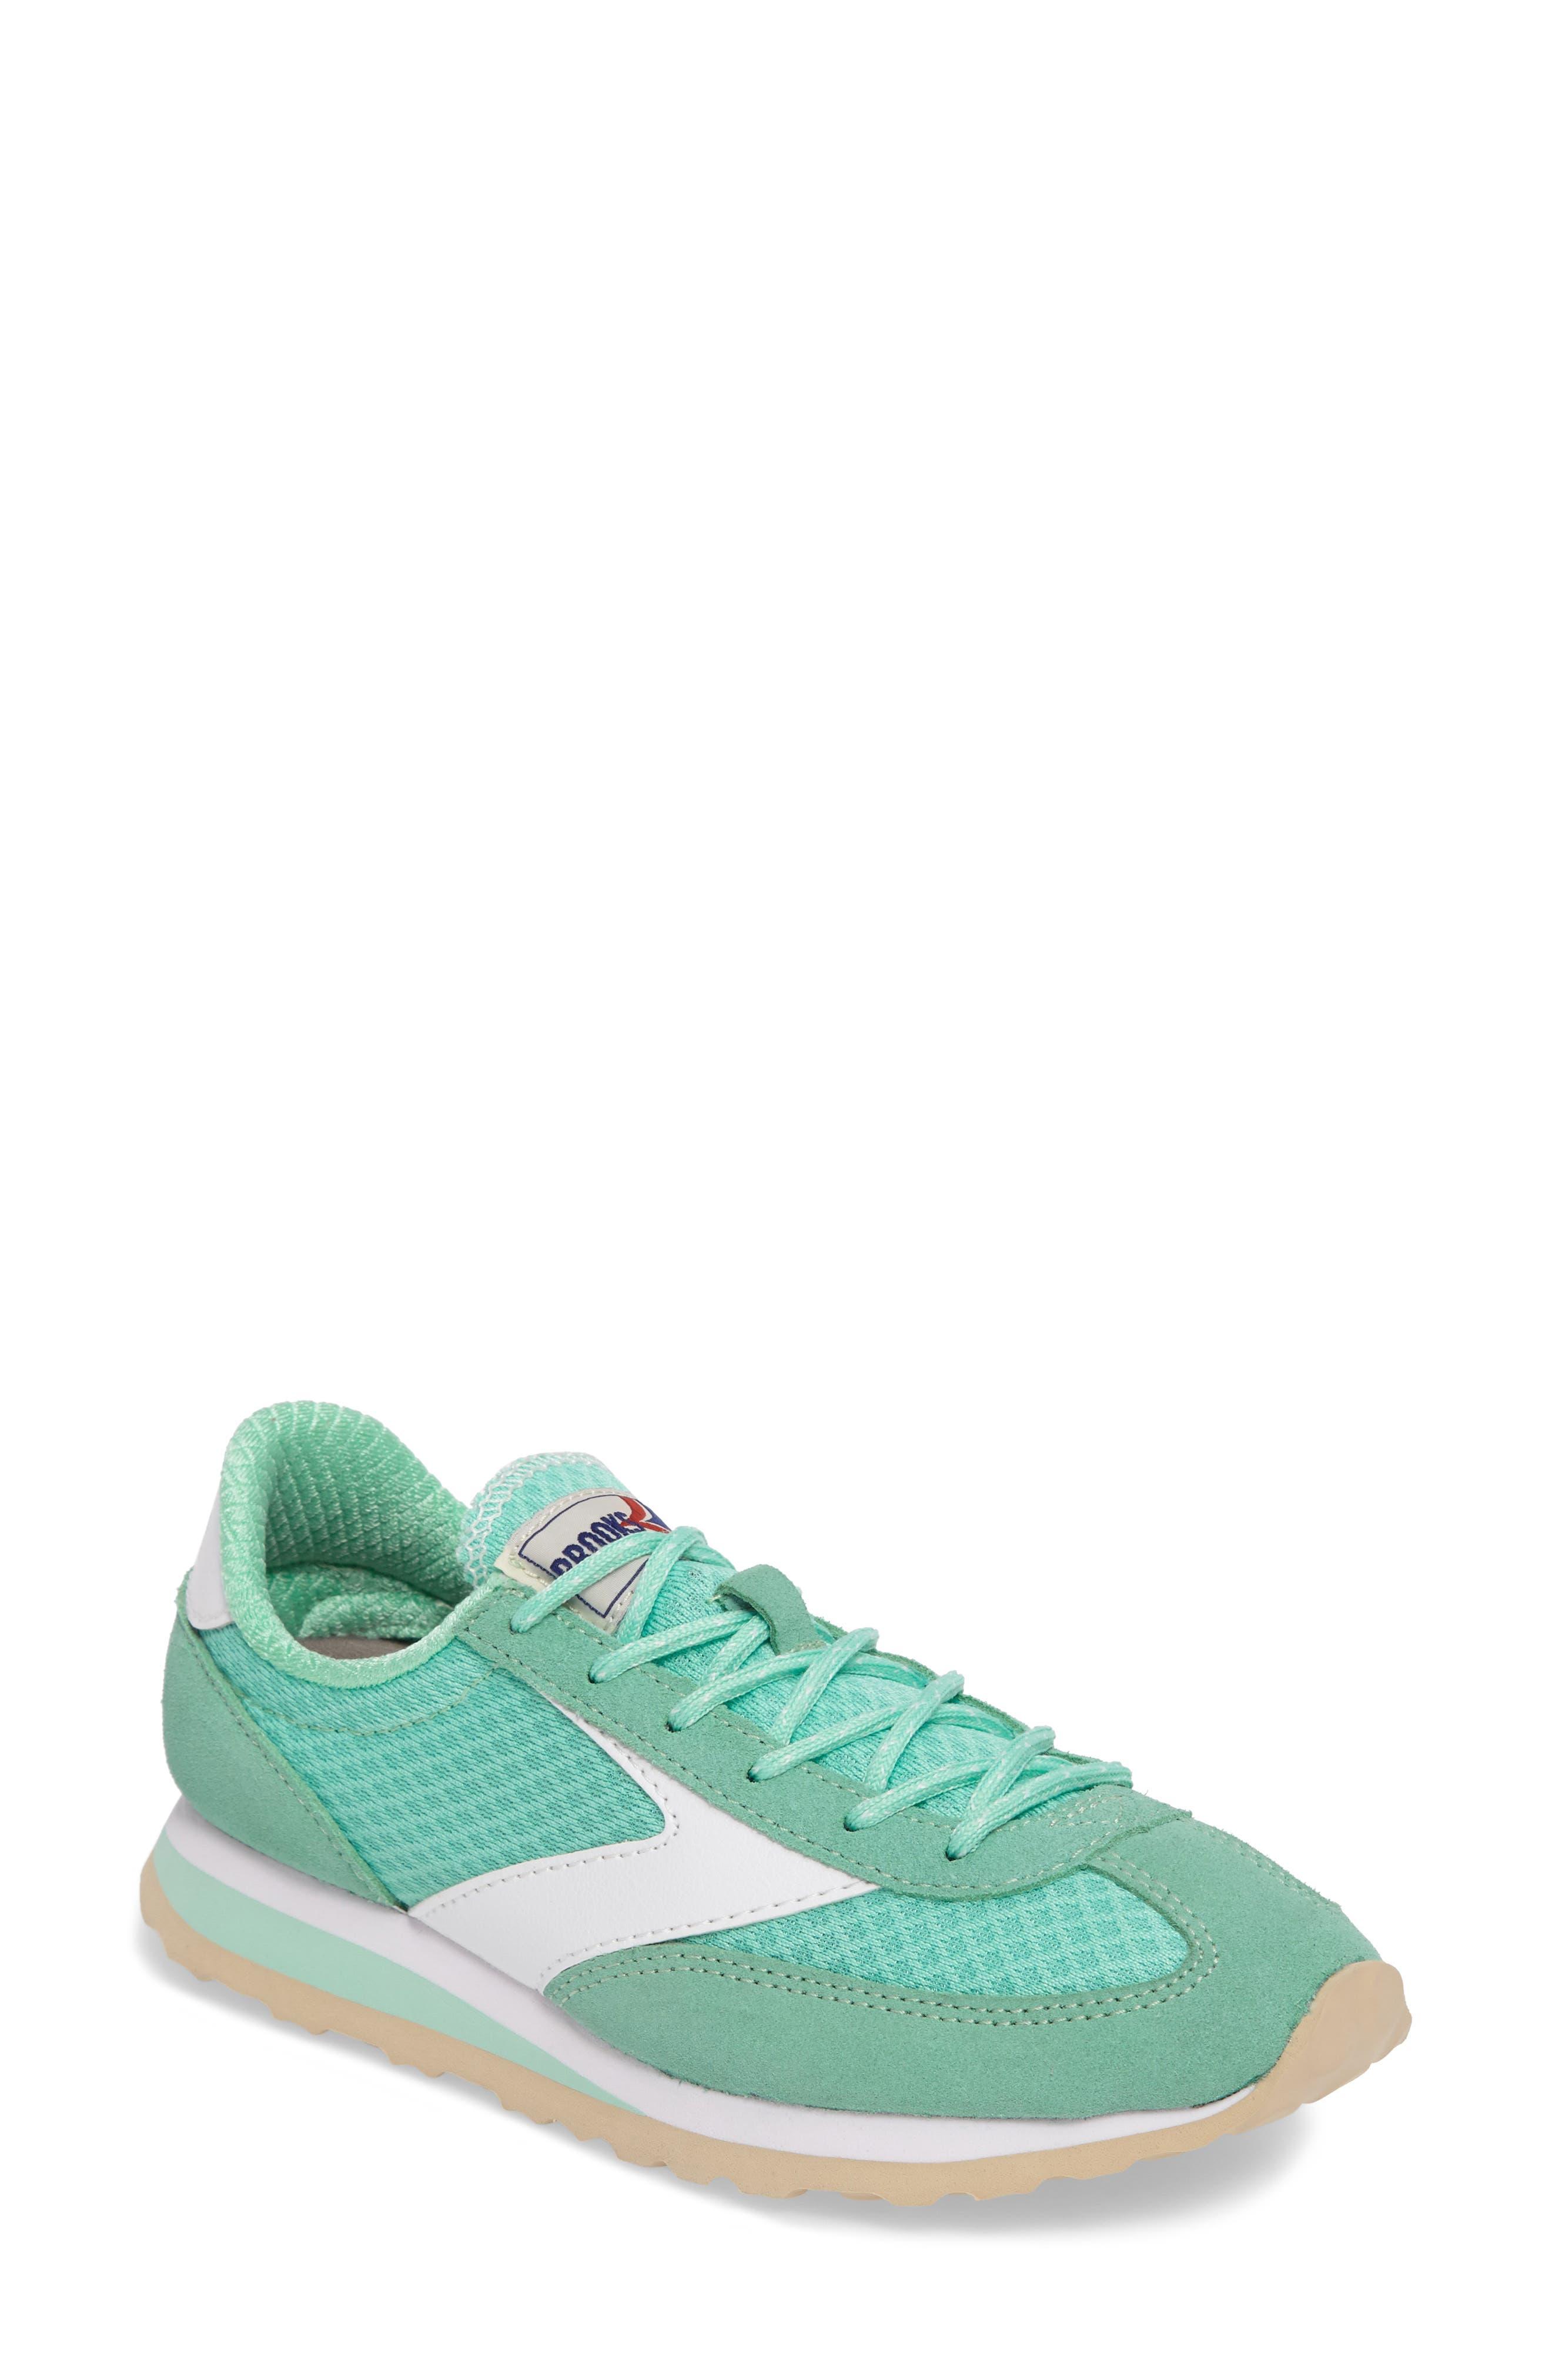 'Vanguard' Sneaker,                             Main thumbnail 1, color,                             024